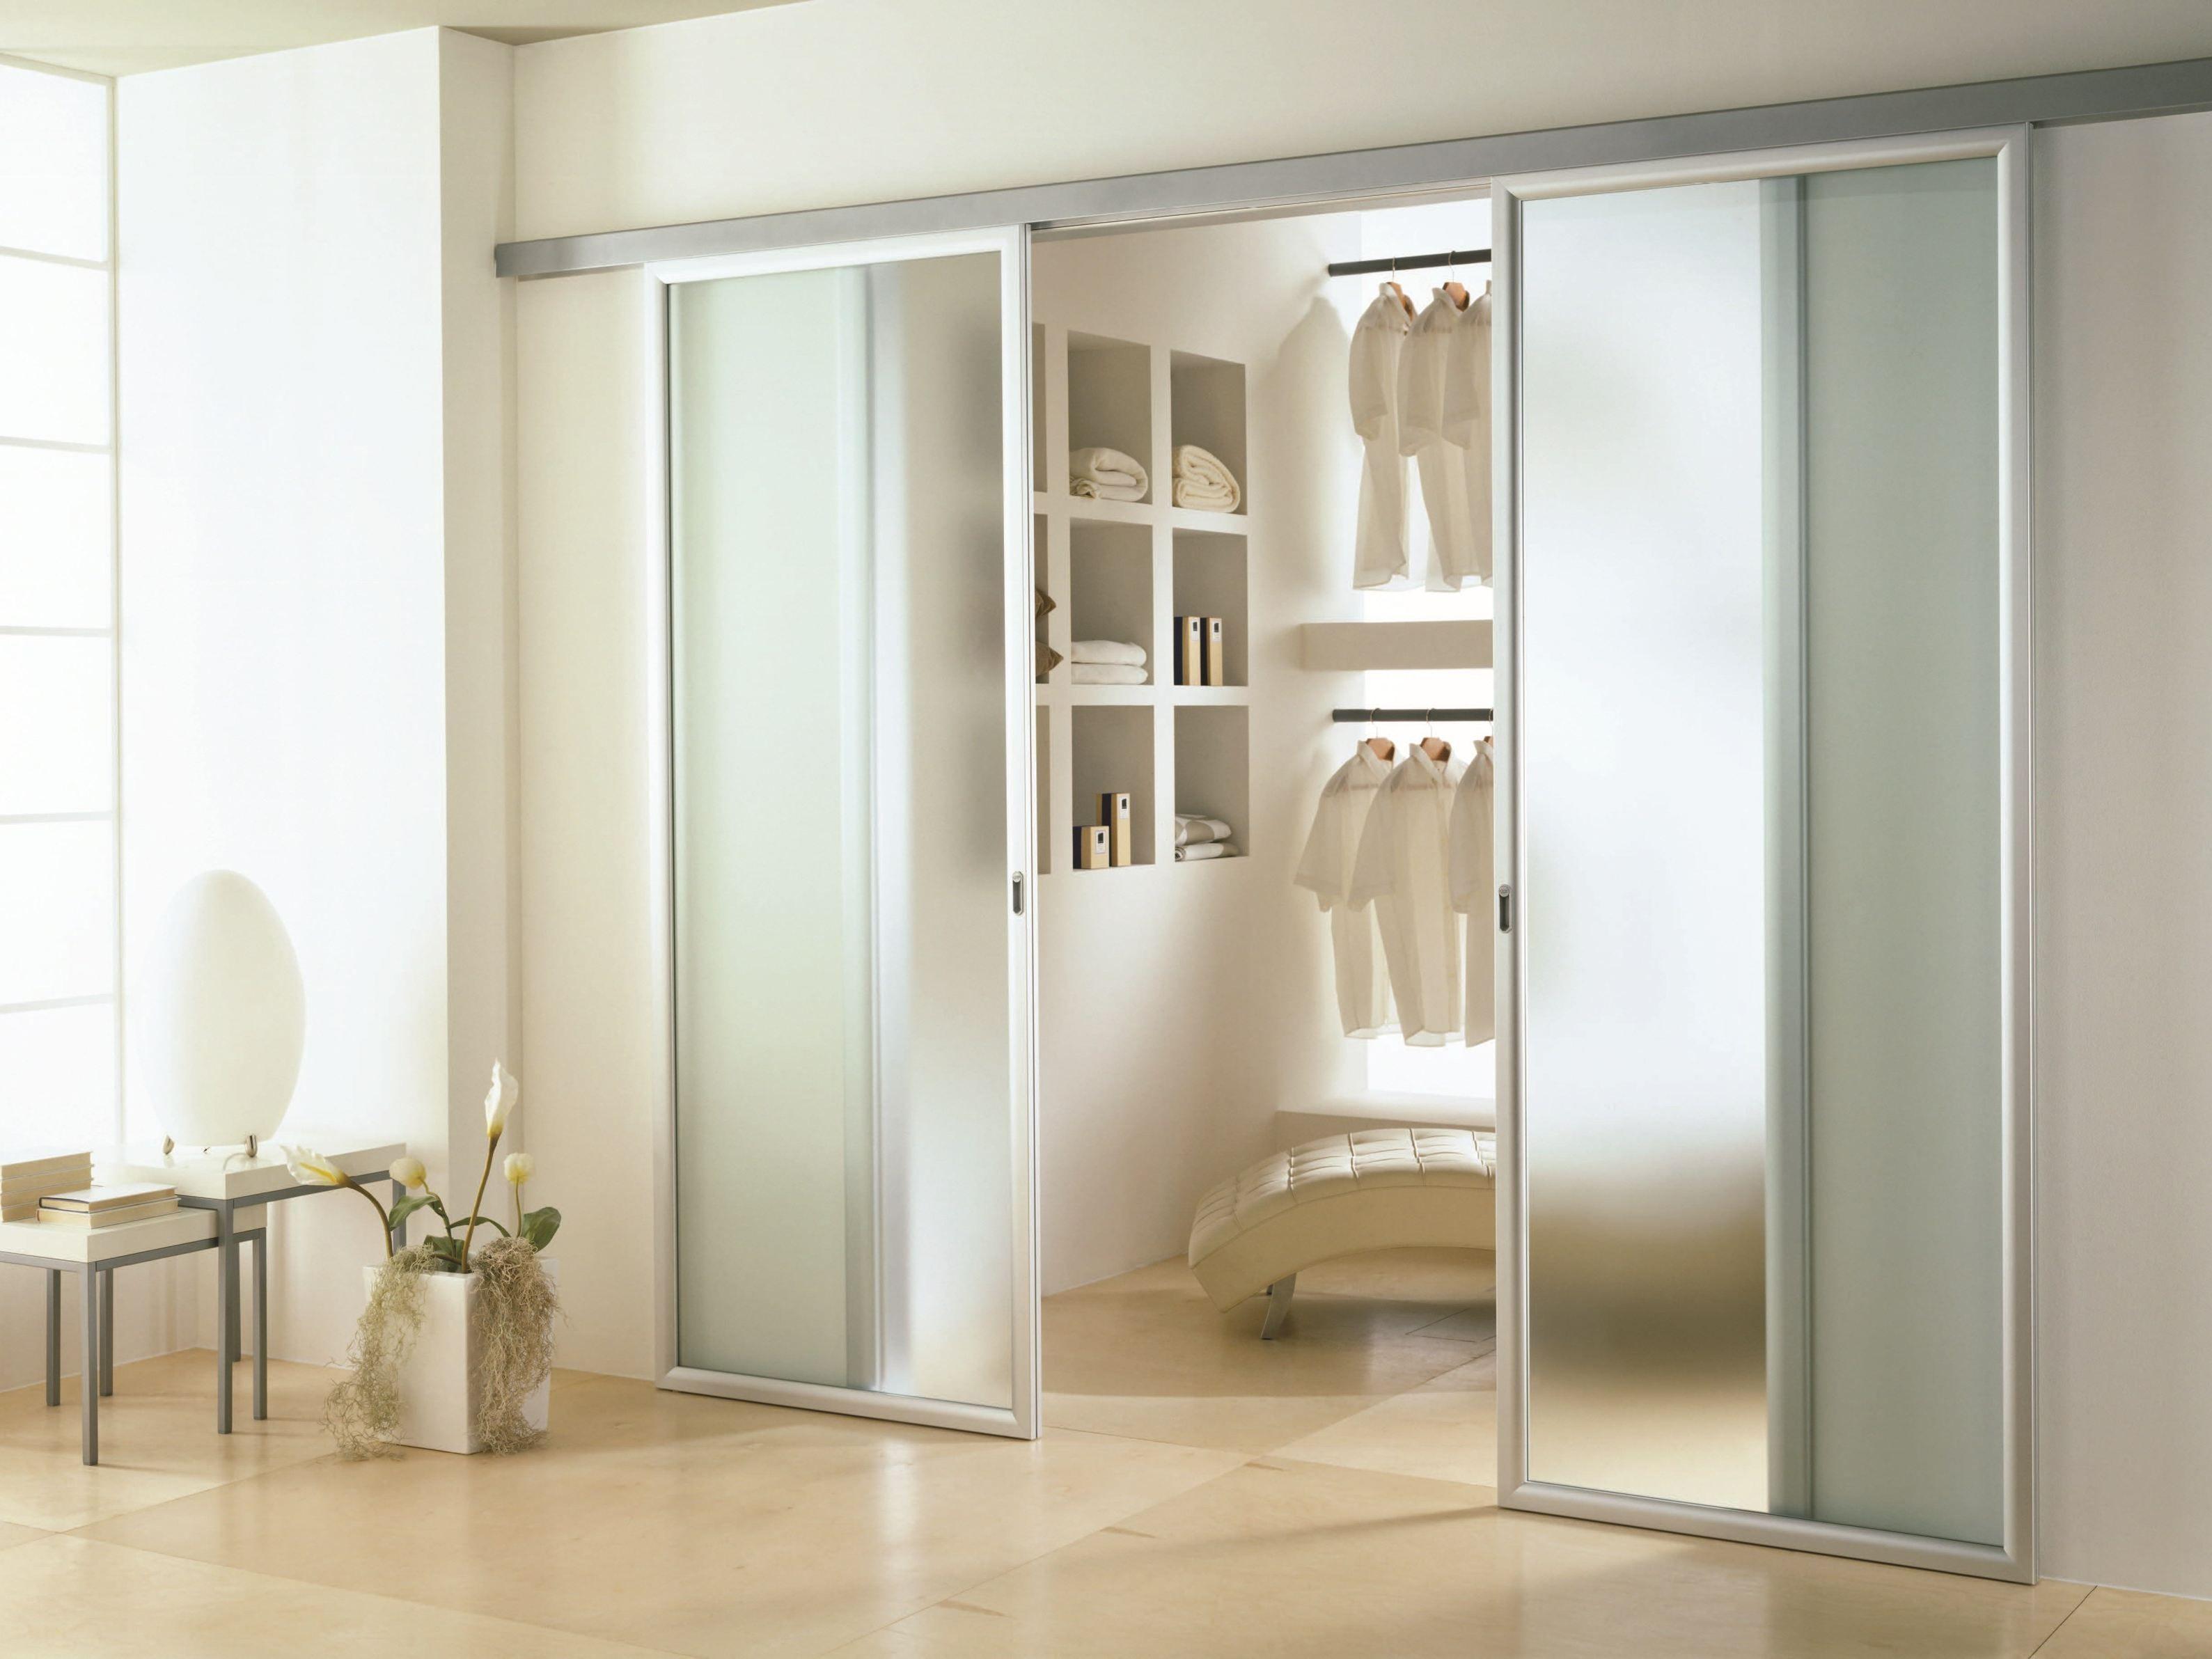 Antha puerta corrediza by gidea - Puertas de vidrio para interiores ...